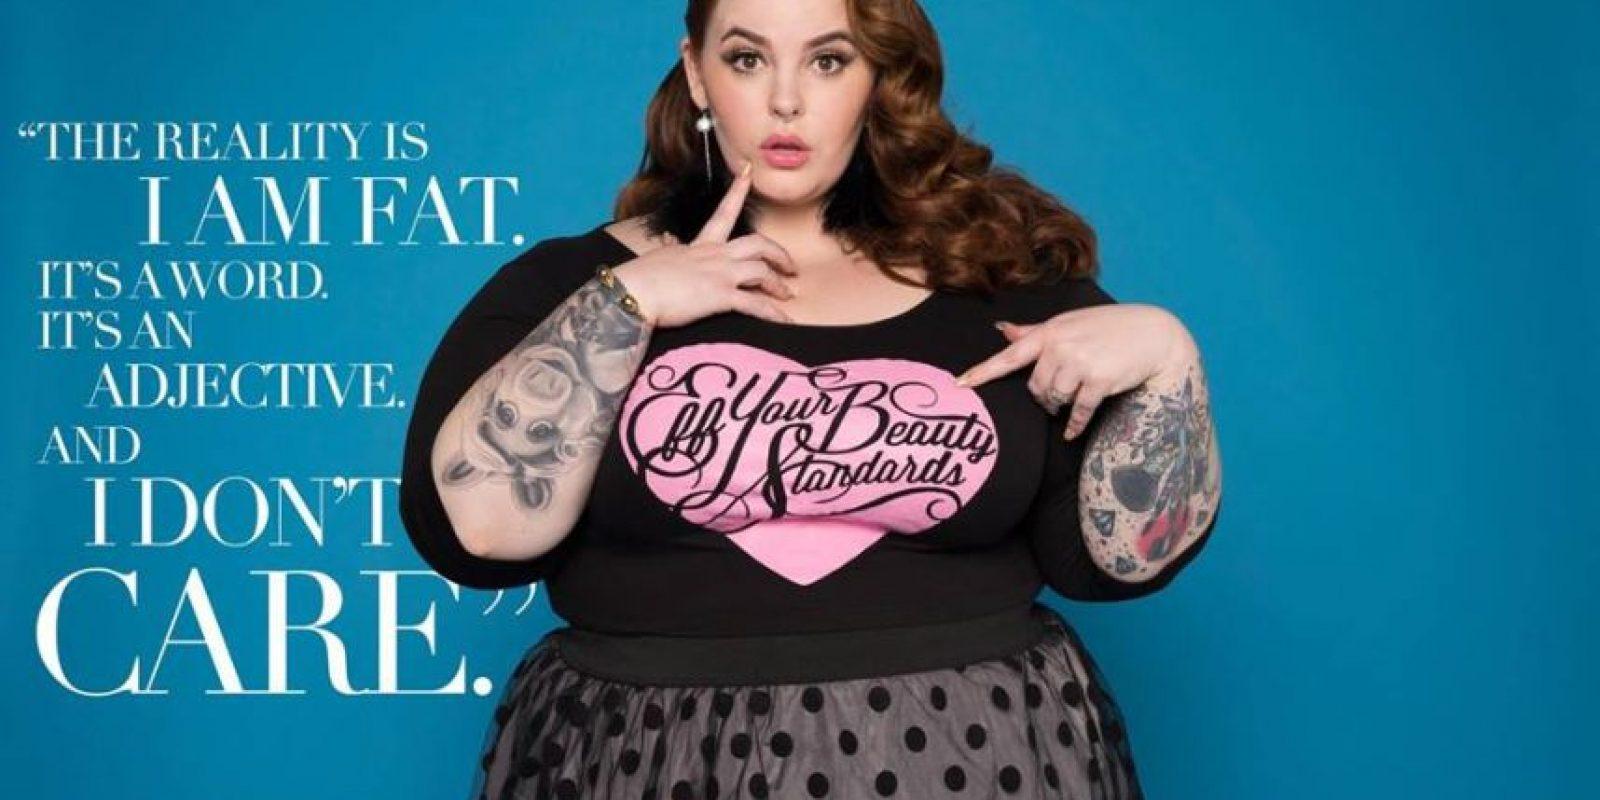 Se hizo famosa a nivel mundial por su campaña viral #effyourbeautystandards, en la que mostró que toda mujer de cualquier talla puede ser bella. Foto:vía Facebook/Tess Holliday